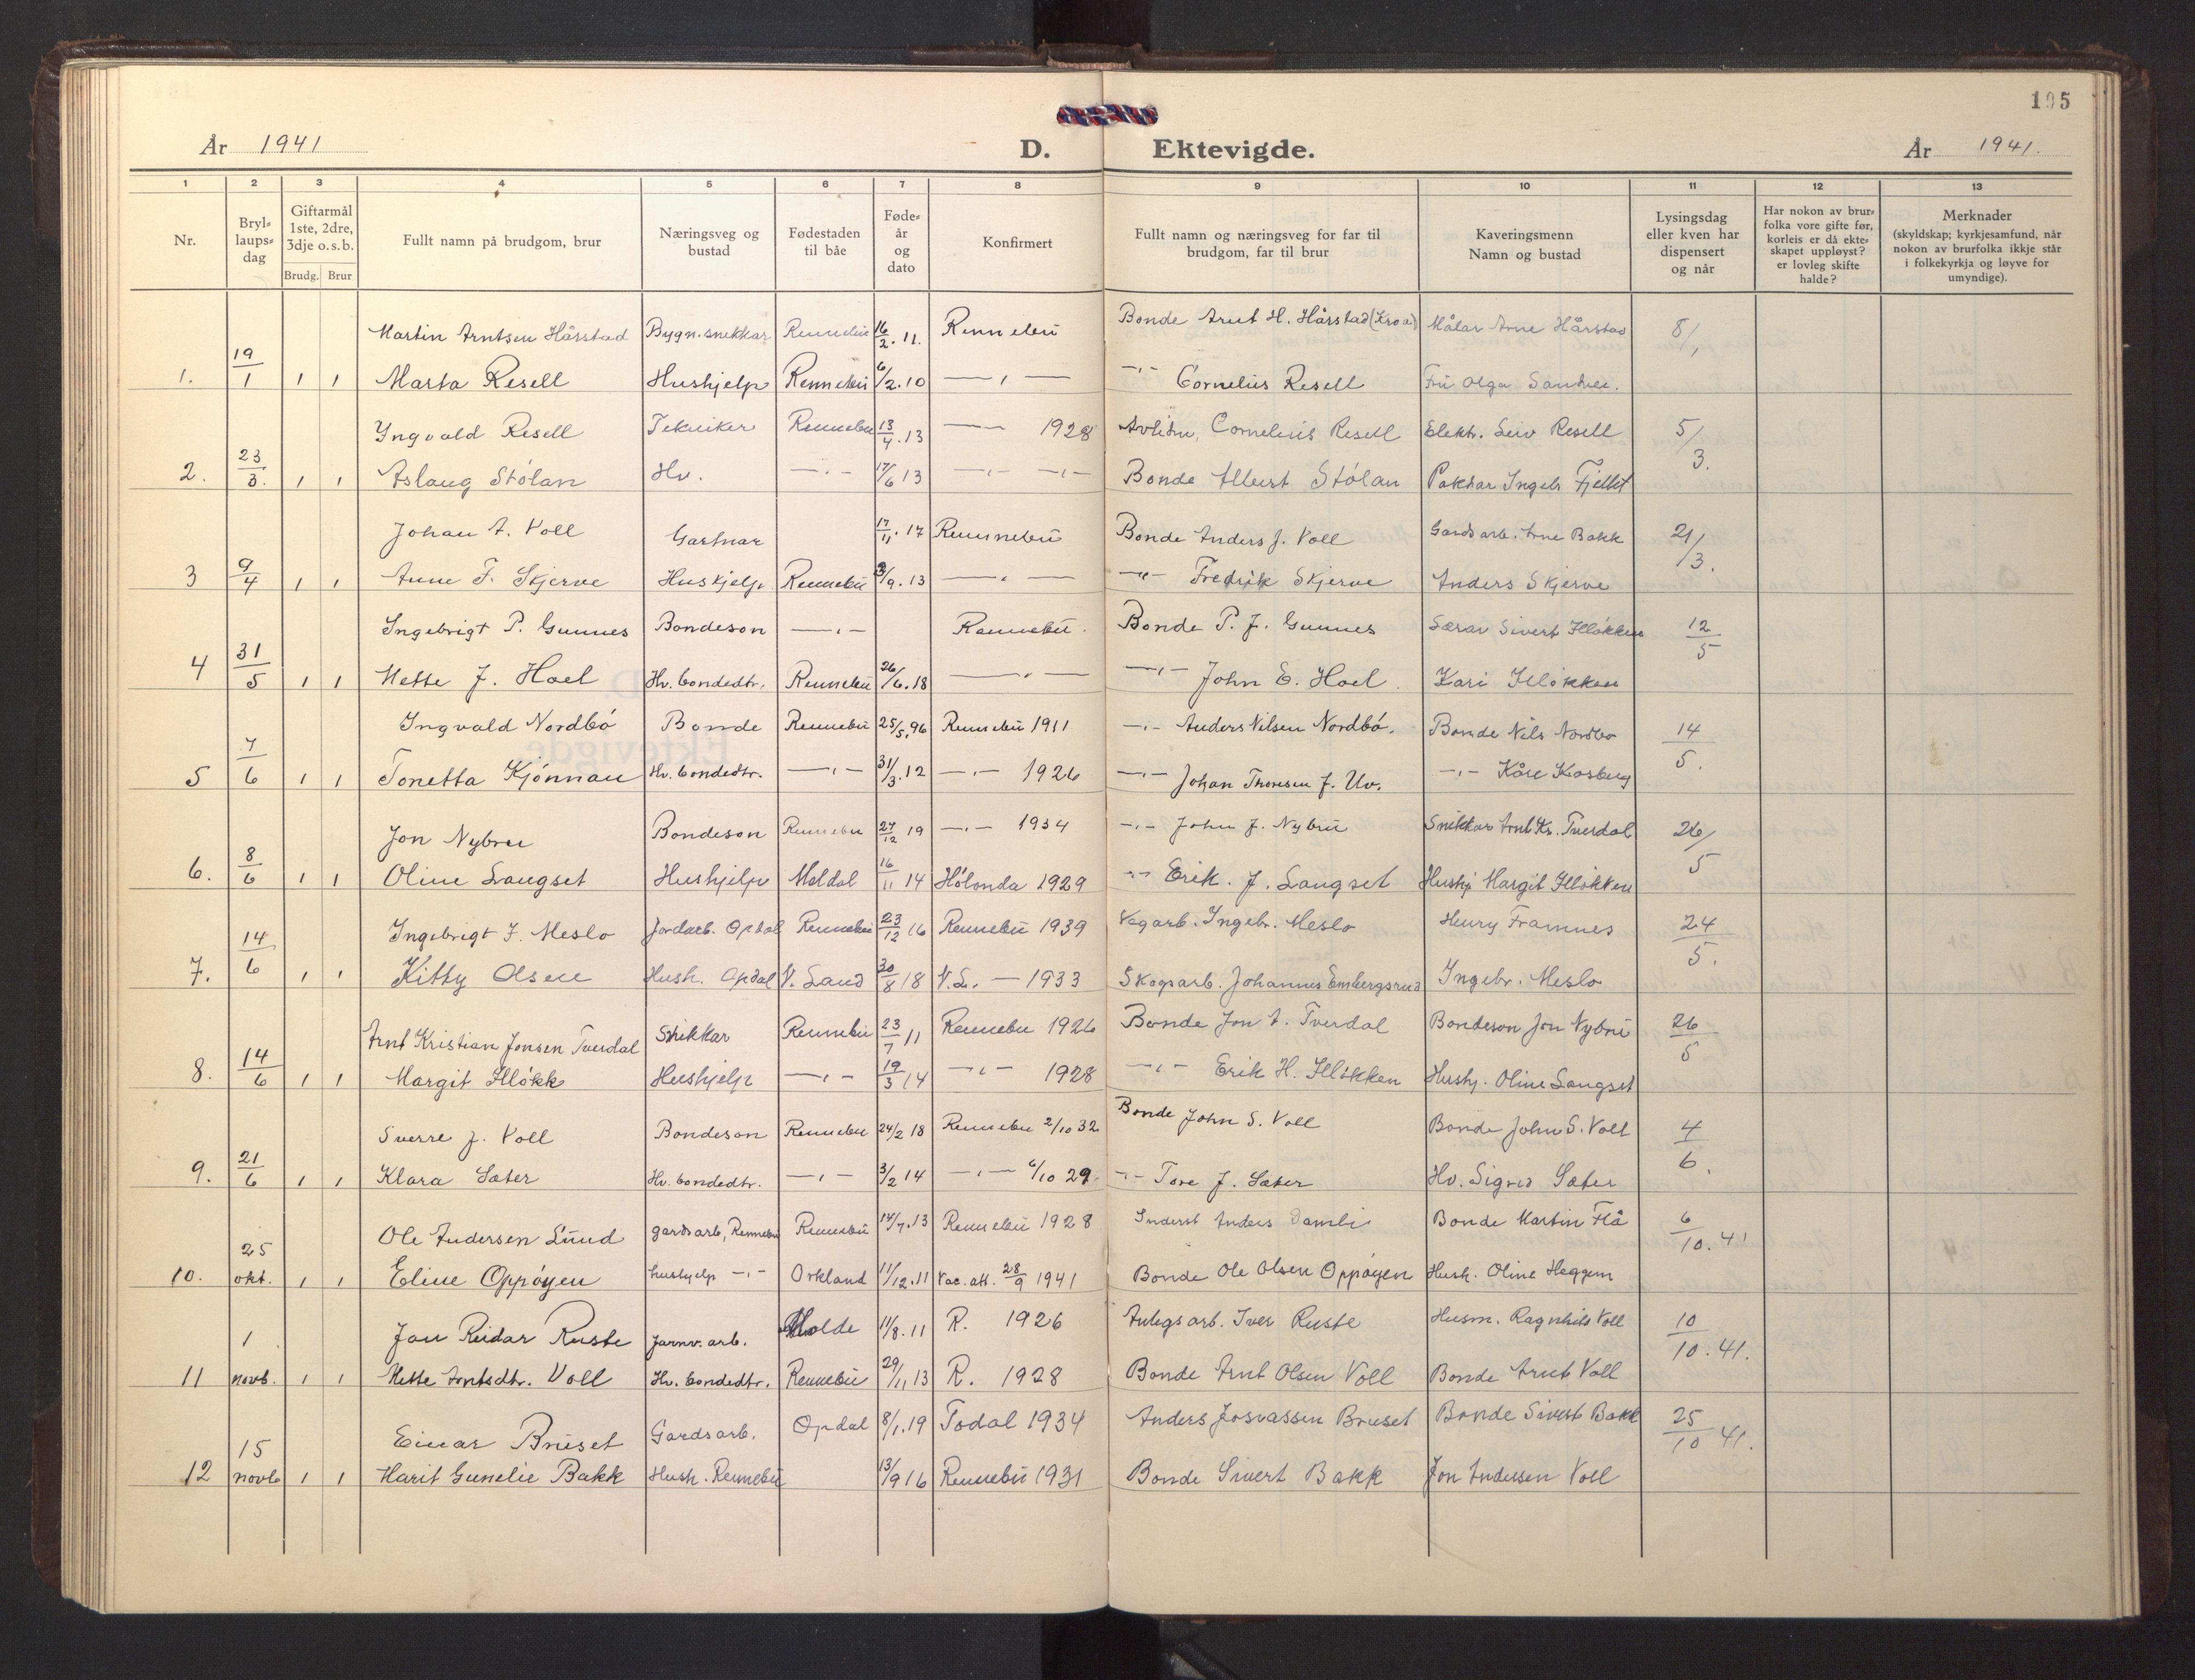 SAT, Ministerialprotokoller, klokkerbøker og fødselsregistre - Sør-Trøndelag, 674/L0878: Klokkerbok nr. 674C05, 1941-1950, s. 105